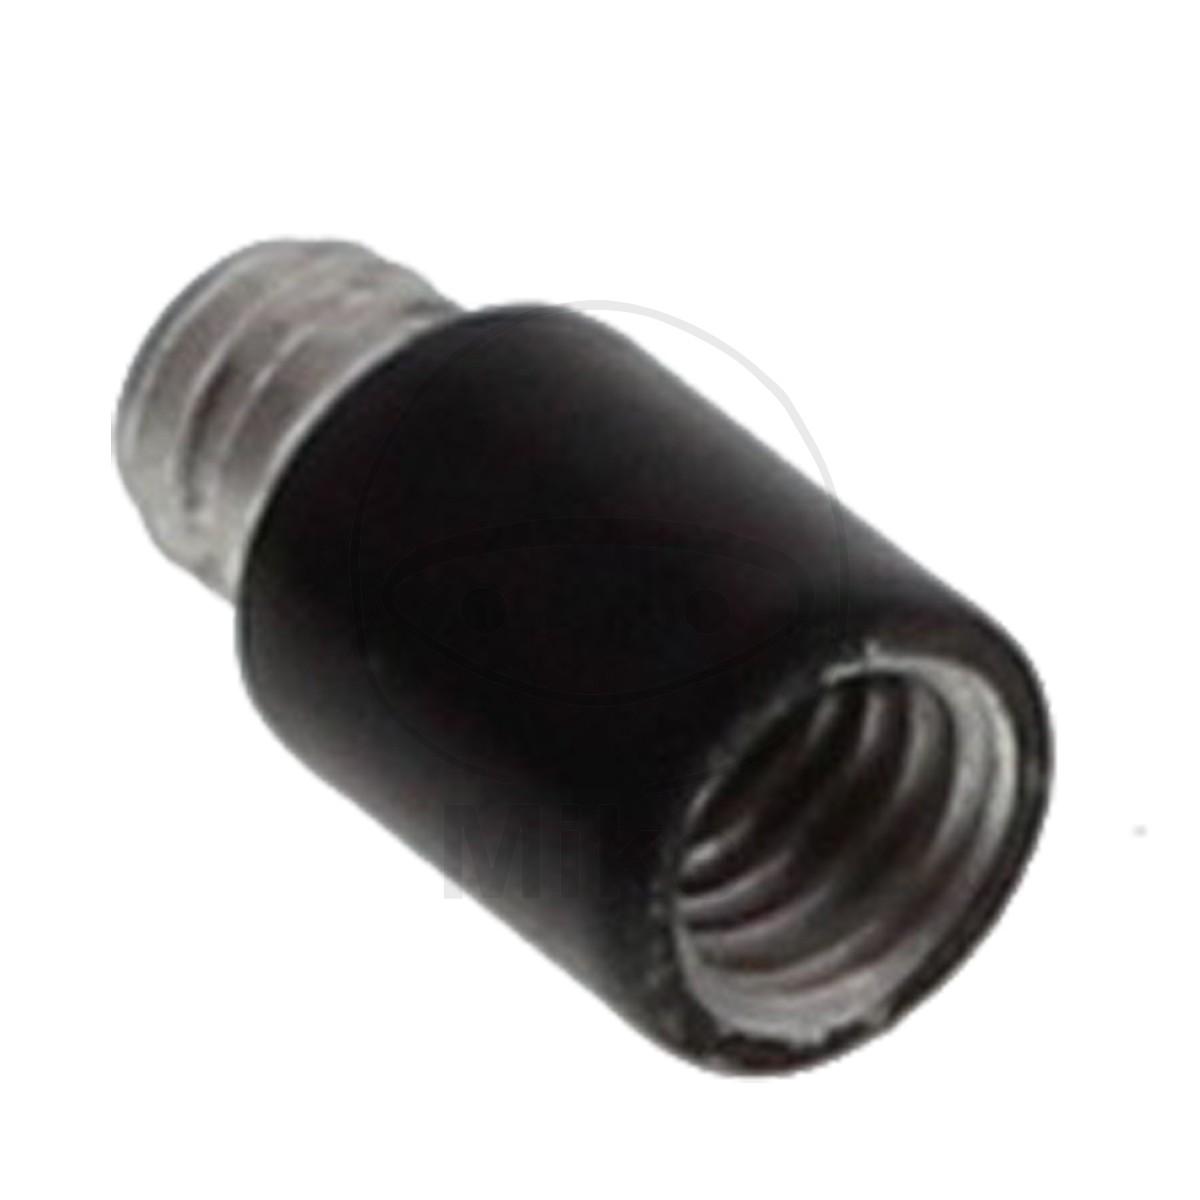 Indicator extansion chrom M6x10mm černý